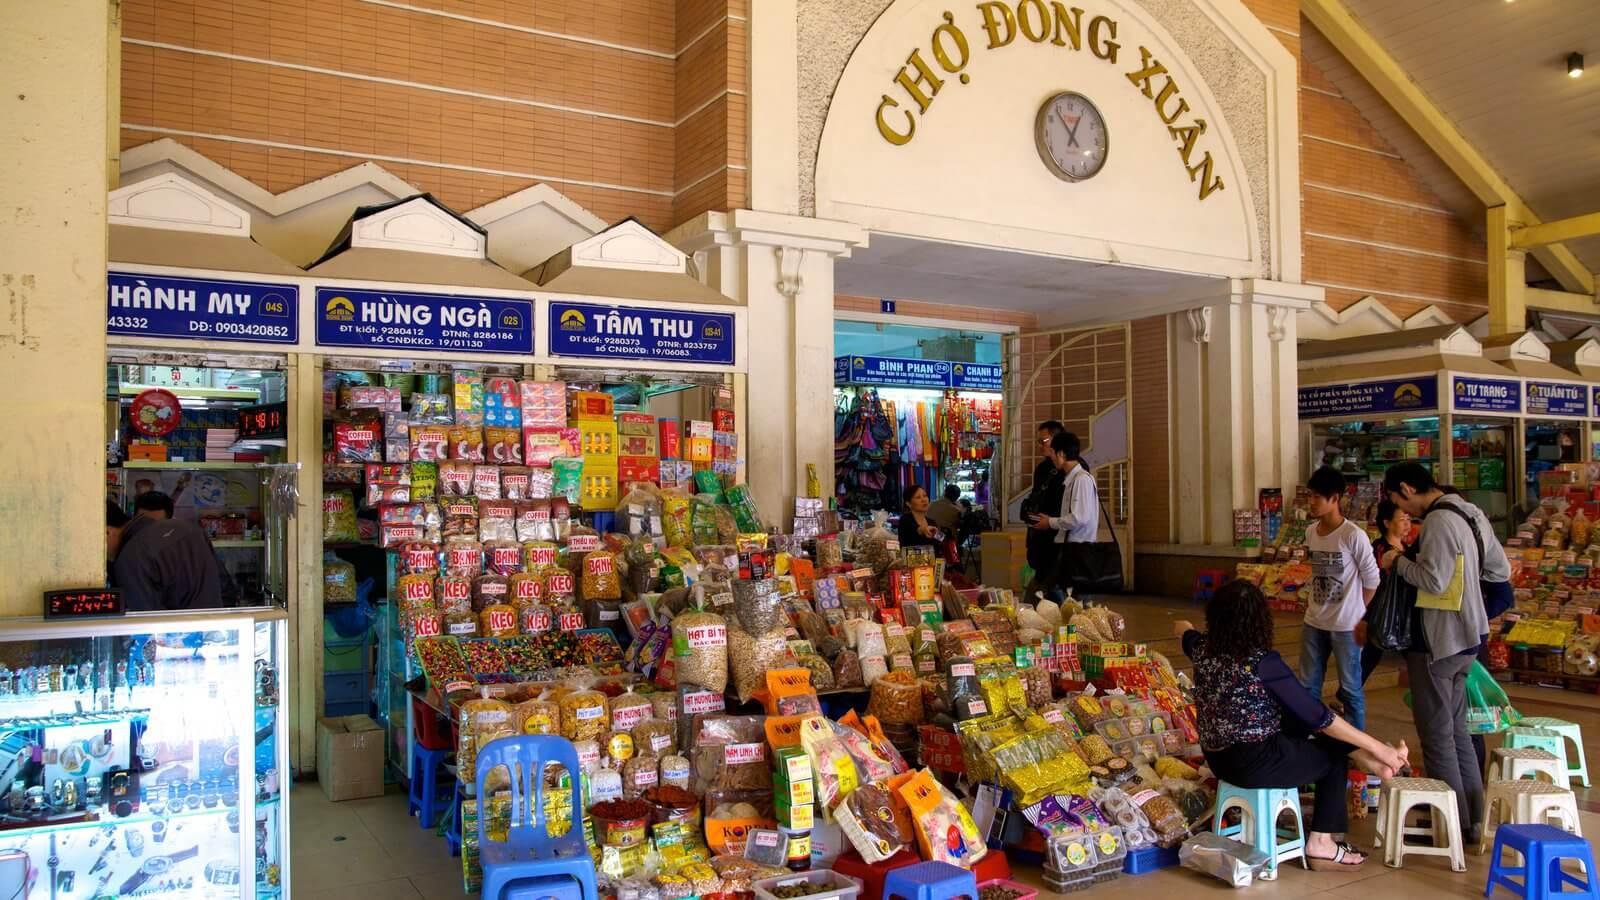 Chợ Đồng Xuân địa điểm tham quan mua sắm ở Hà Nội